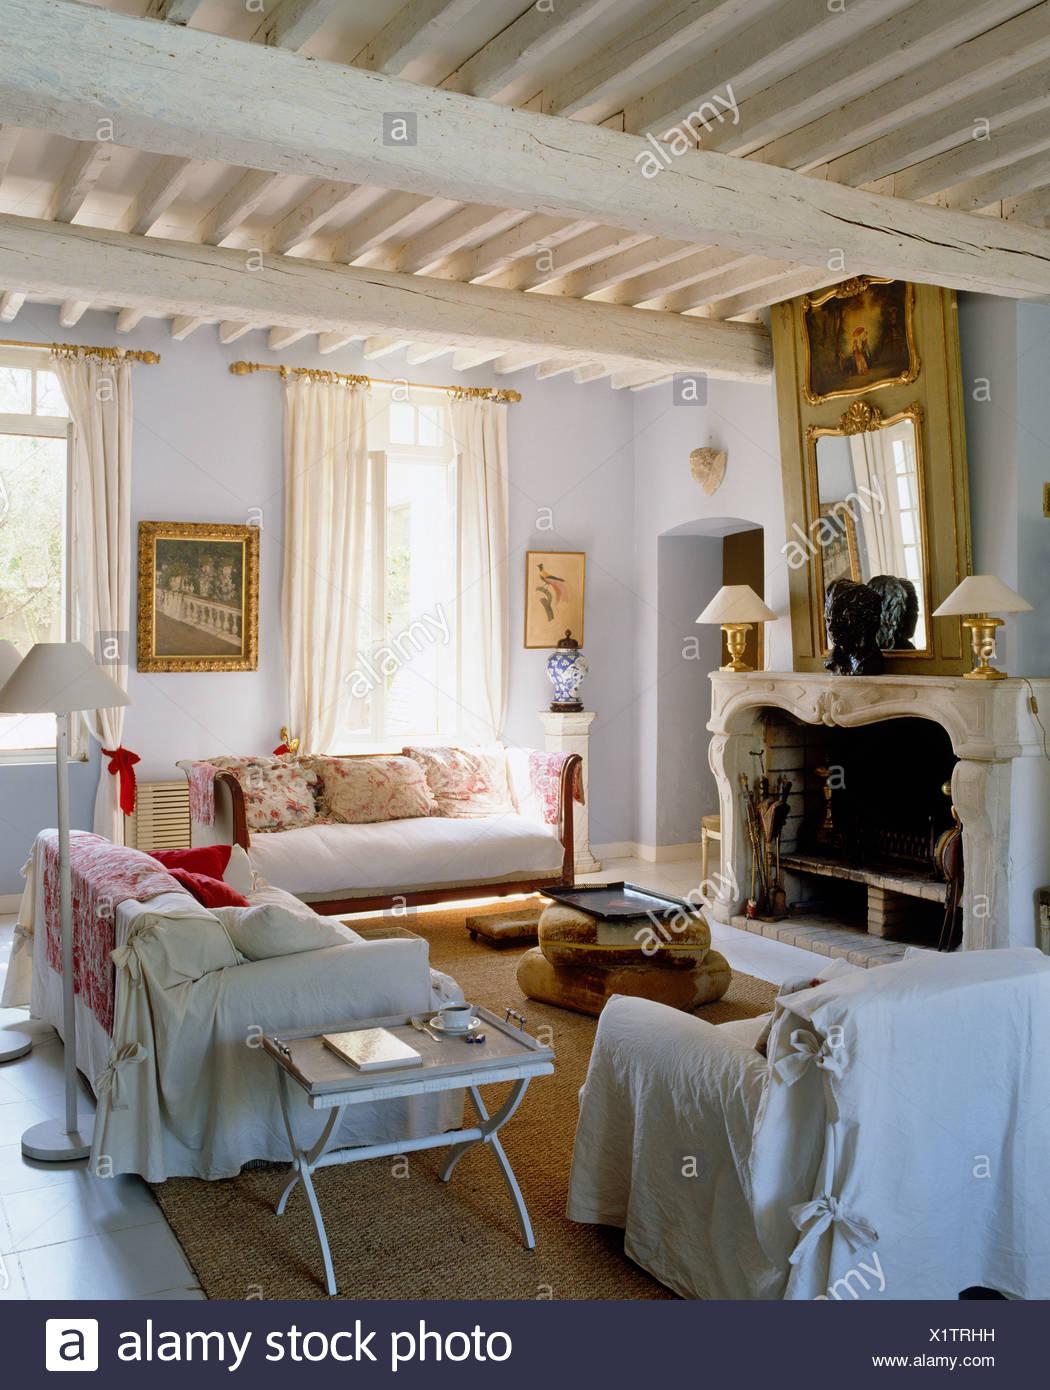 Weiß lose deckt auf Sessel und Sofas in französischer ...